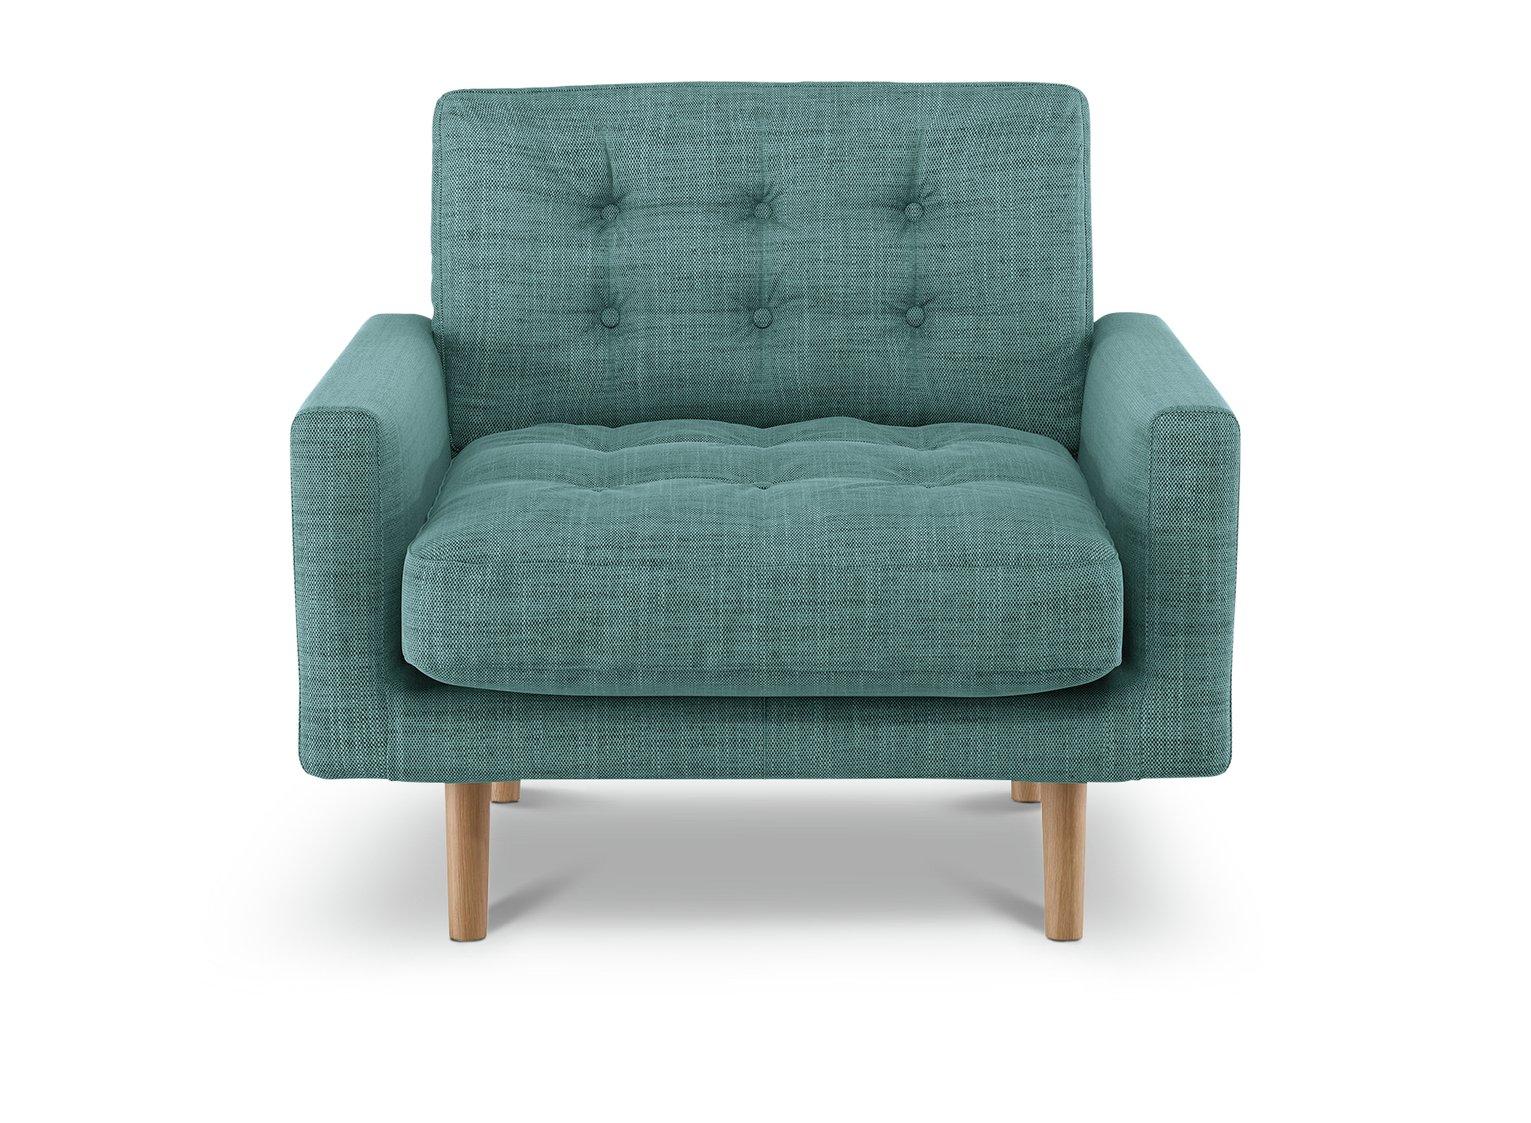 Habitat Fenner Teal Blue Fabric Armchair